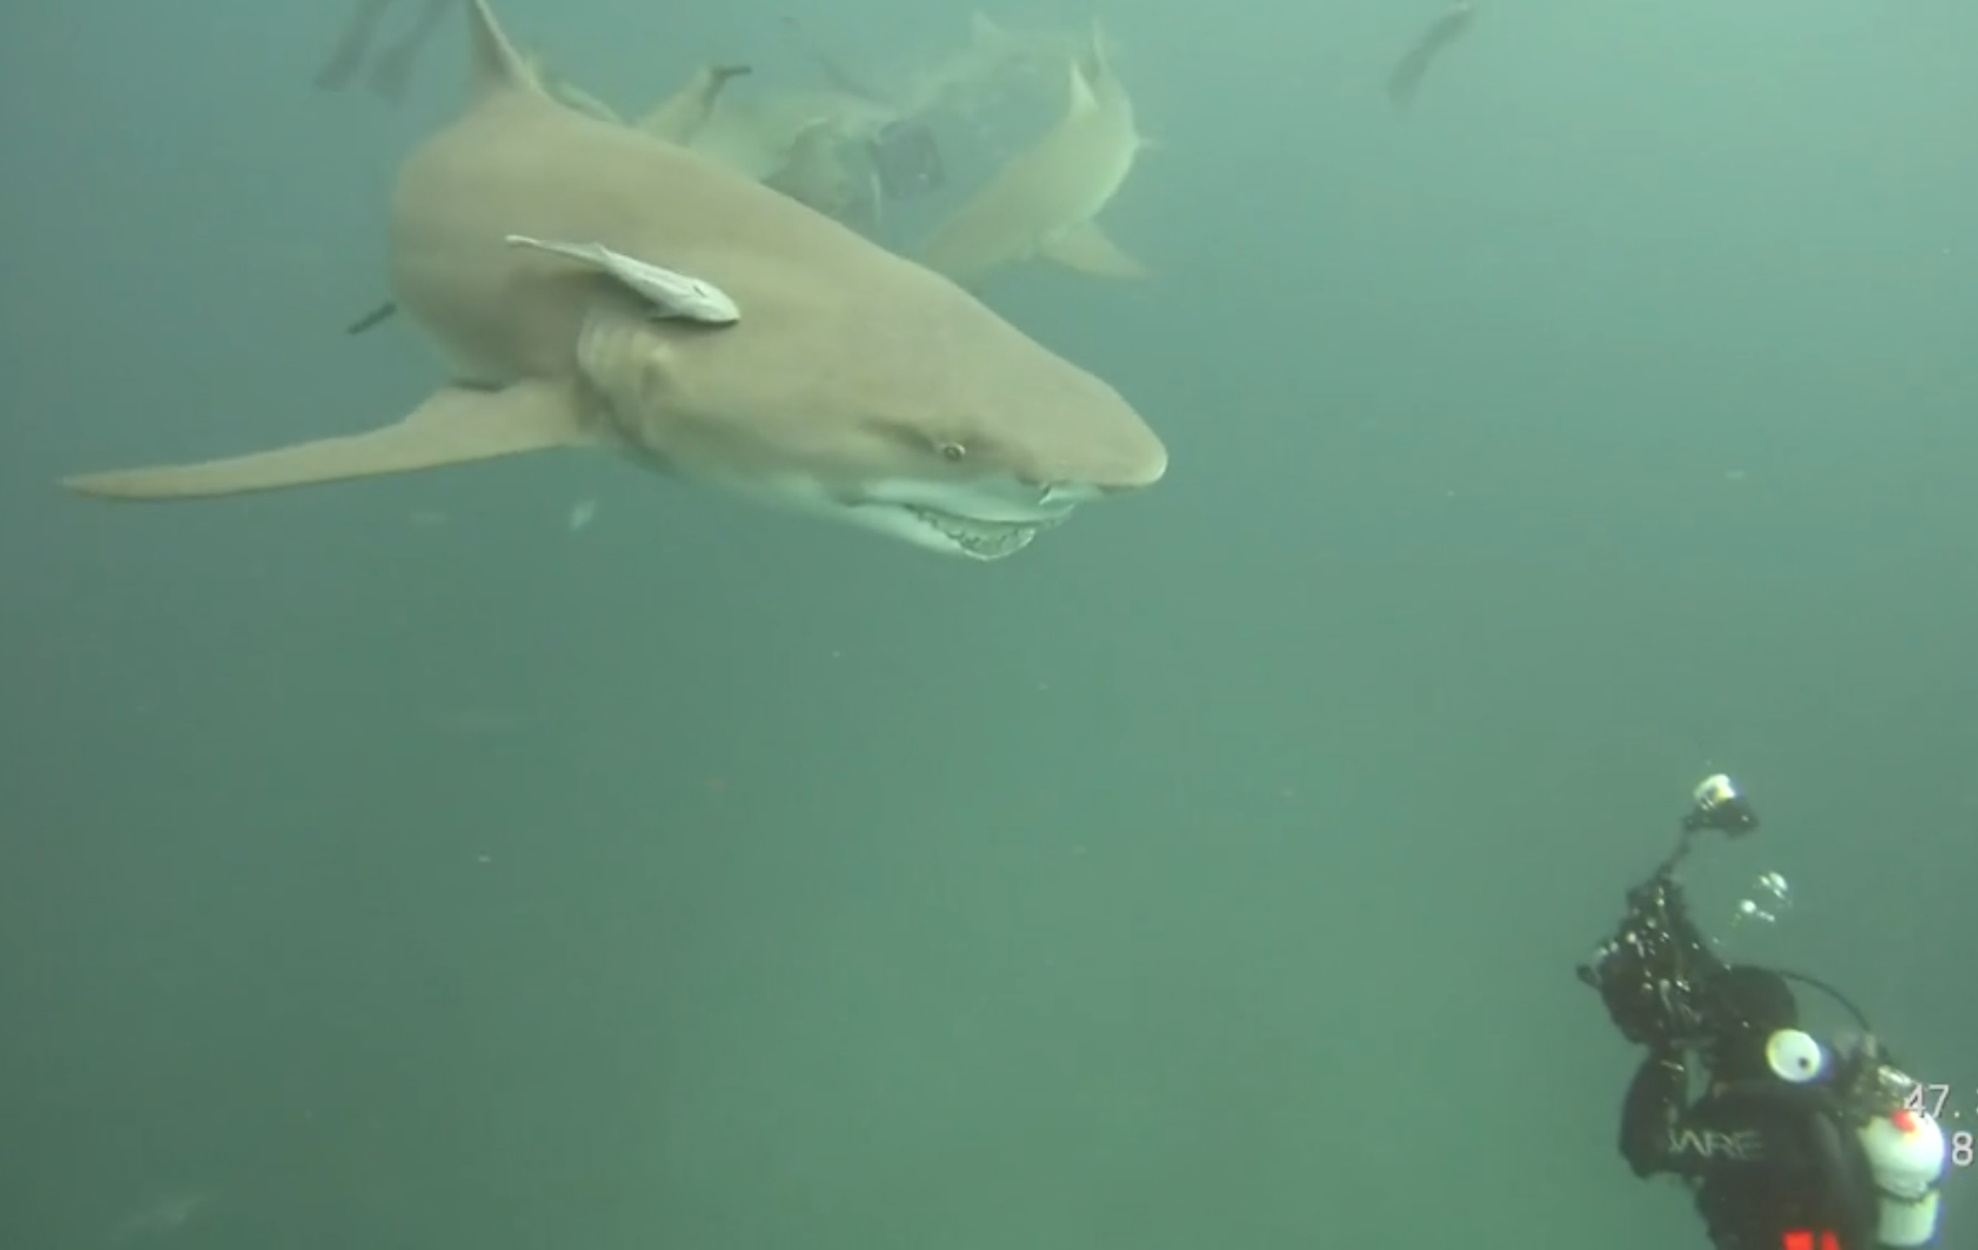 Καρχαρίες και σαλάχια μειώθηκαν κατά 71% τα τελευταία 50 χρόνια